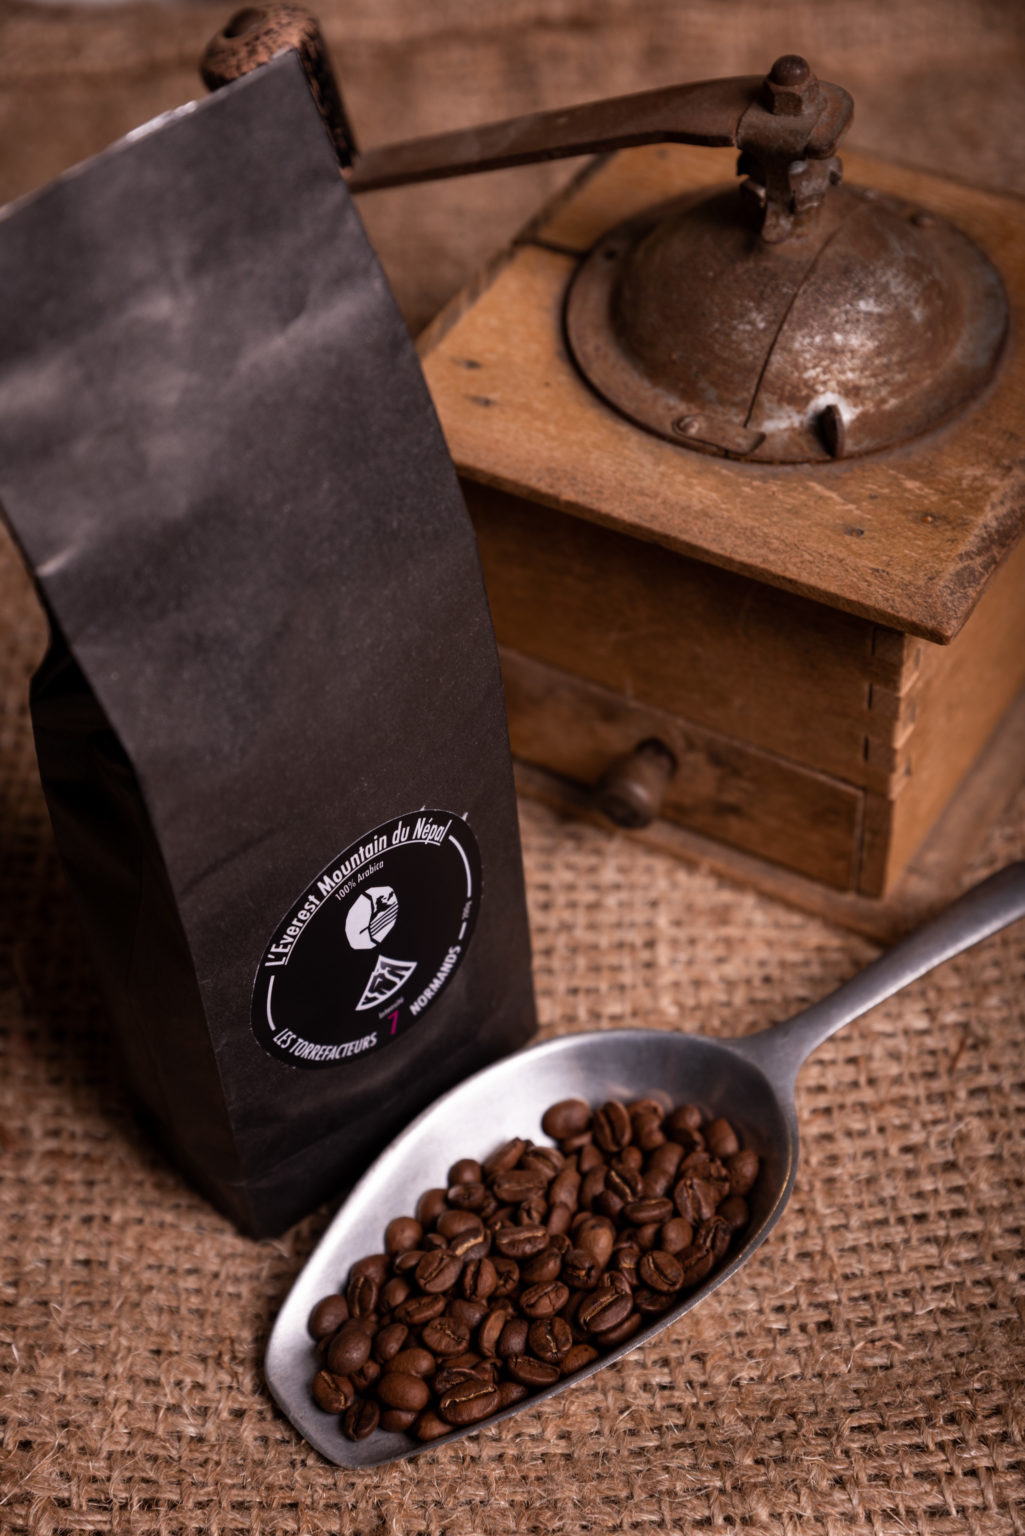 Le café Everest Mountain du Népal des Torréfacteurs Français